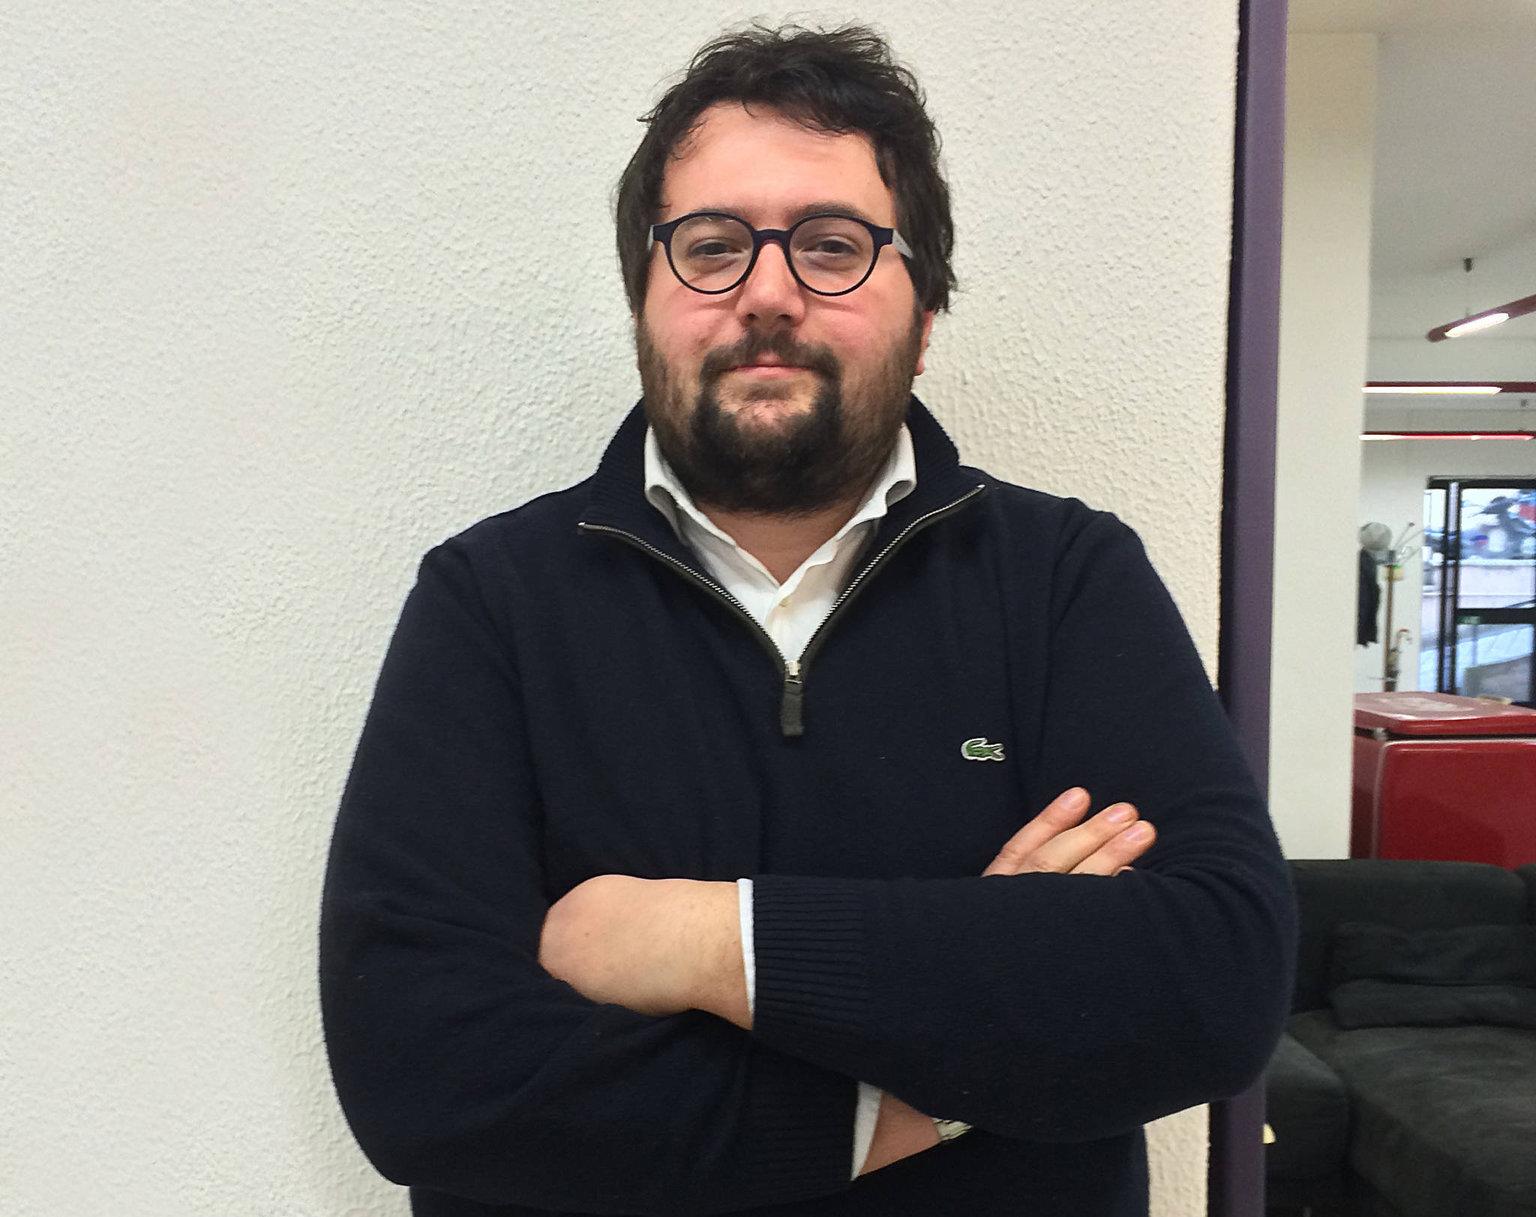 Enrico Pandian